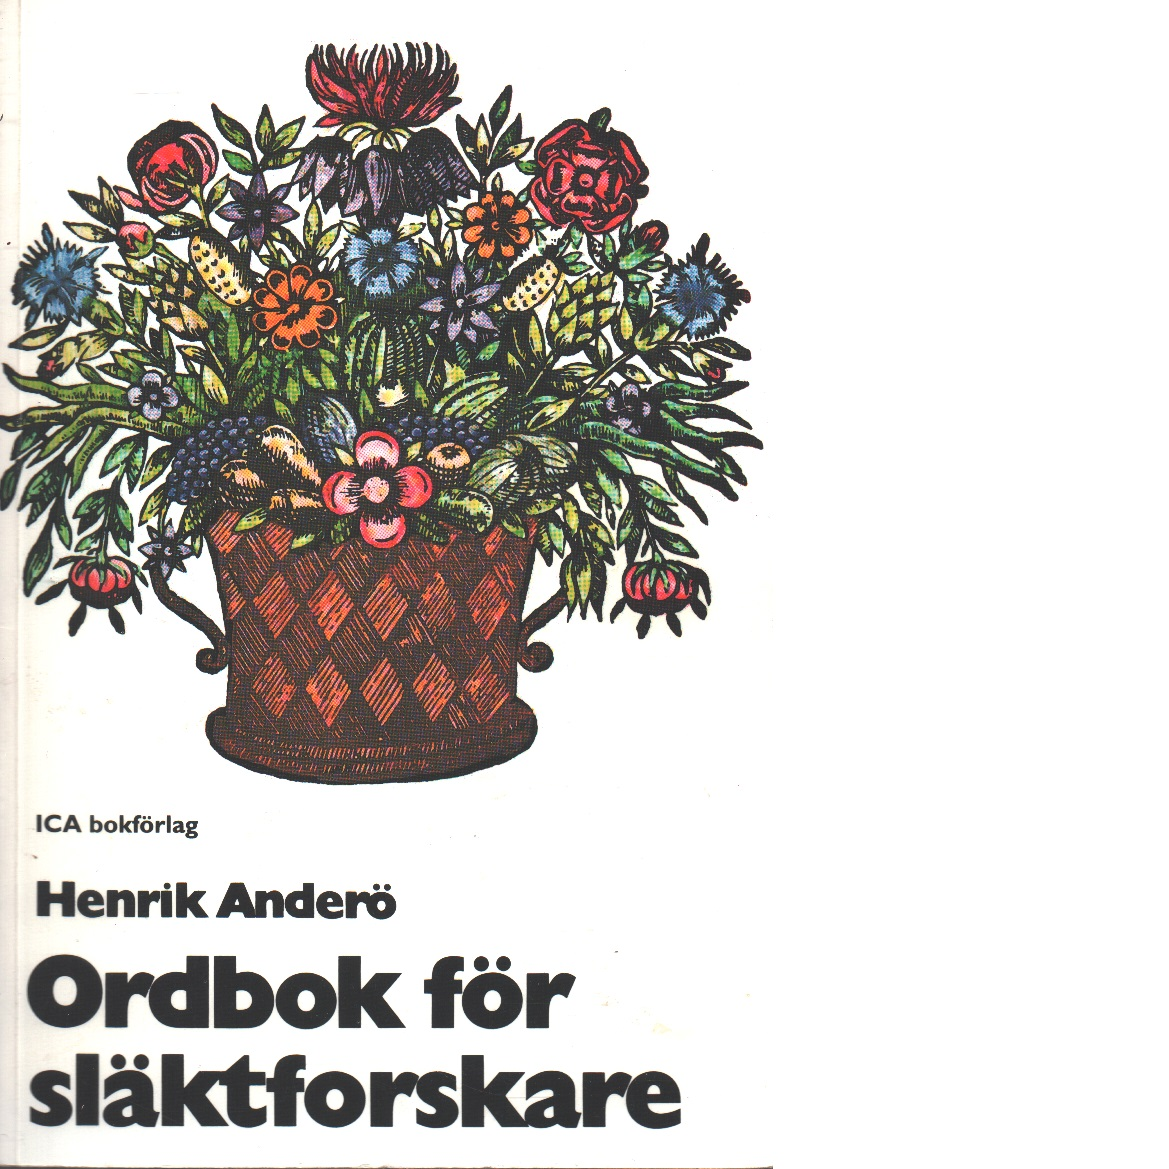 Ordbok för släktforskare - Anderö, Henrik